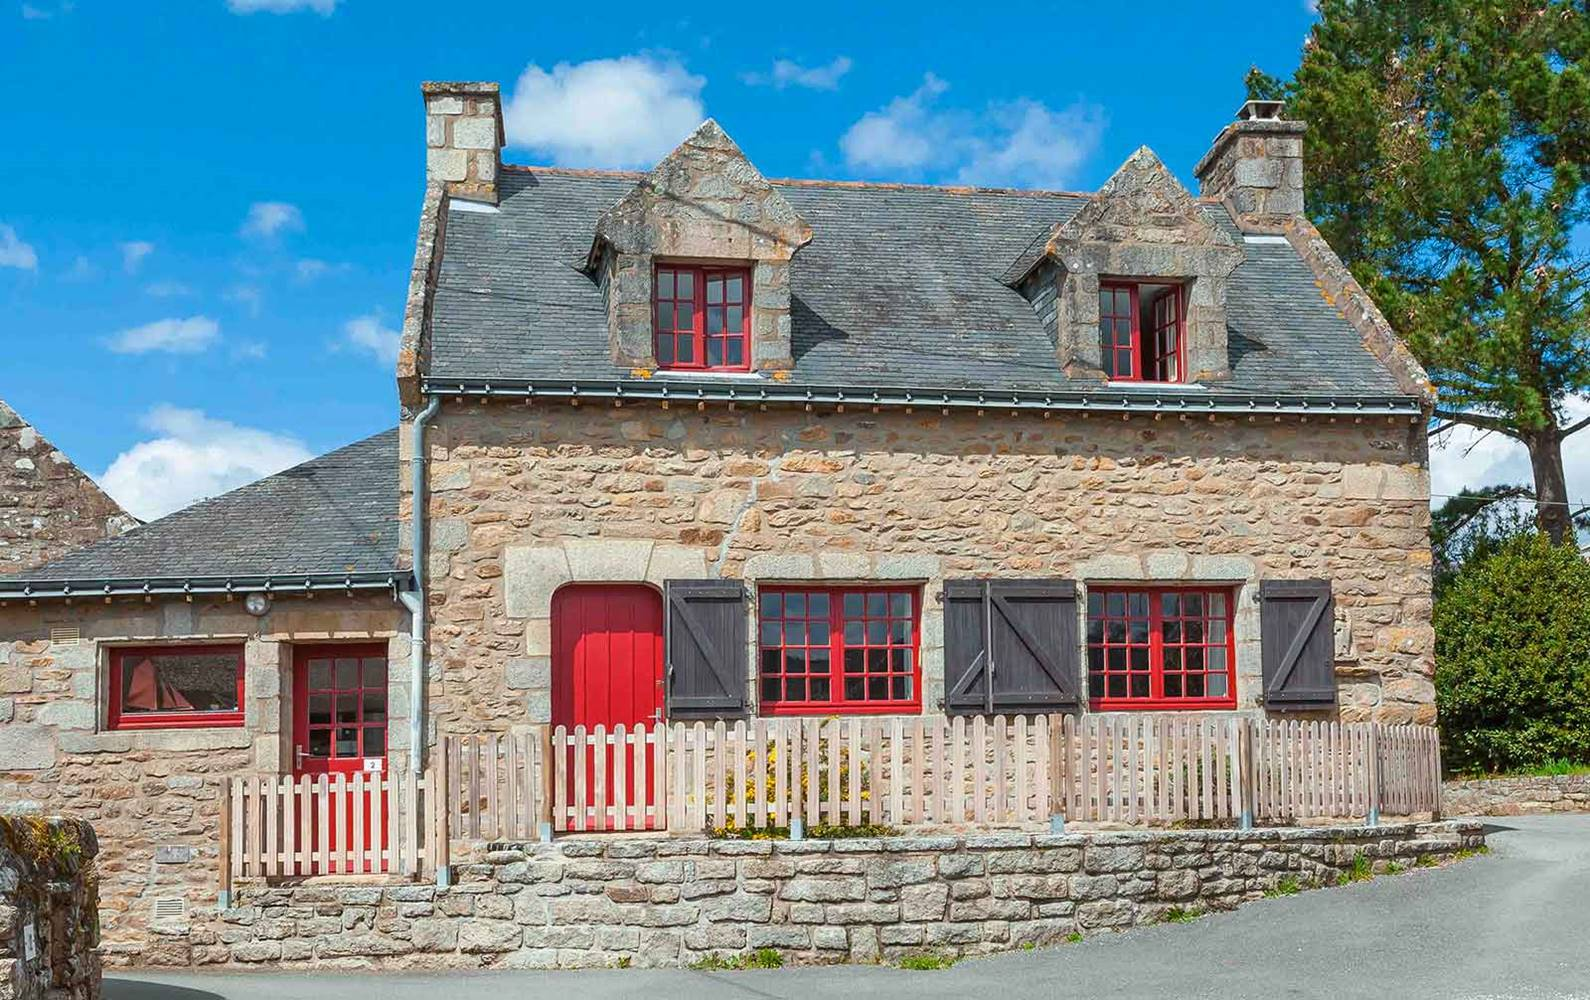 Bruneau-Arradon-Golfe-du-Morbihan-Bretagne sud © BRUNEAU